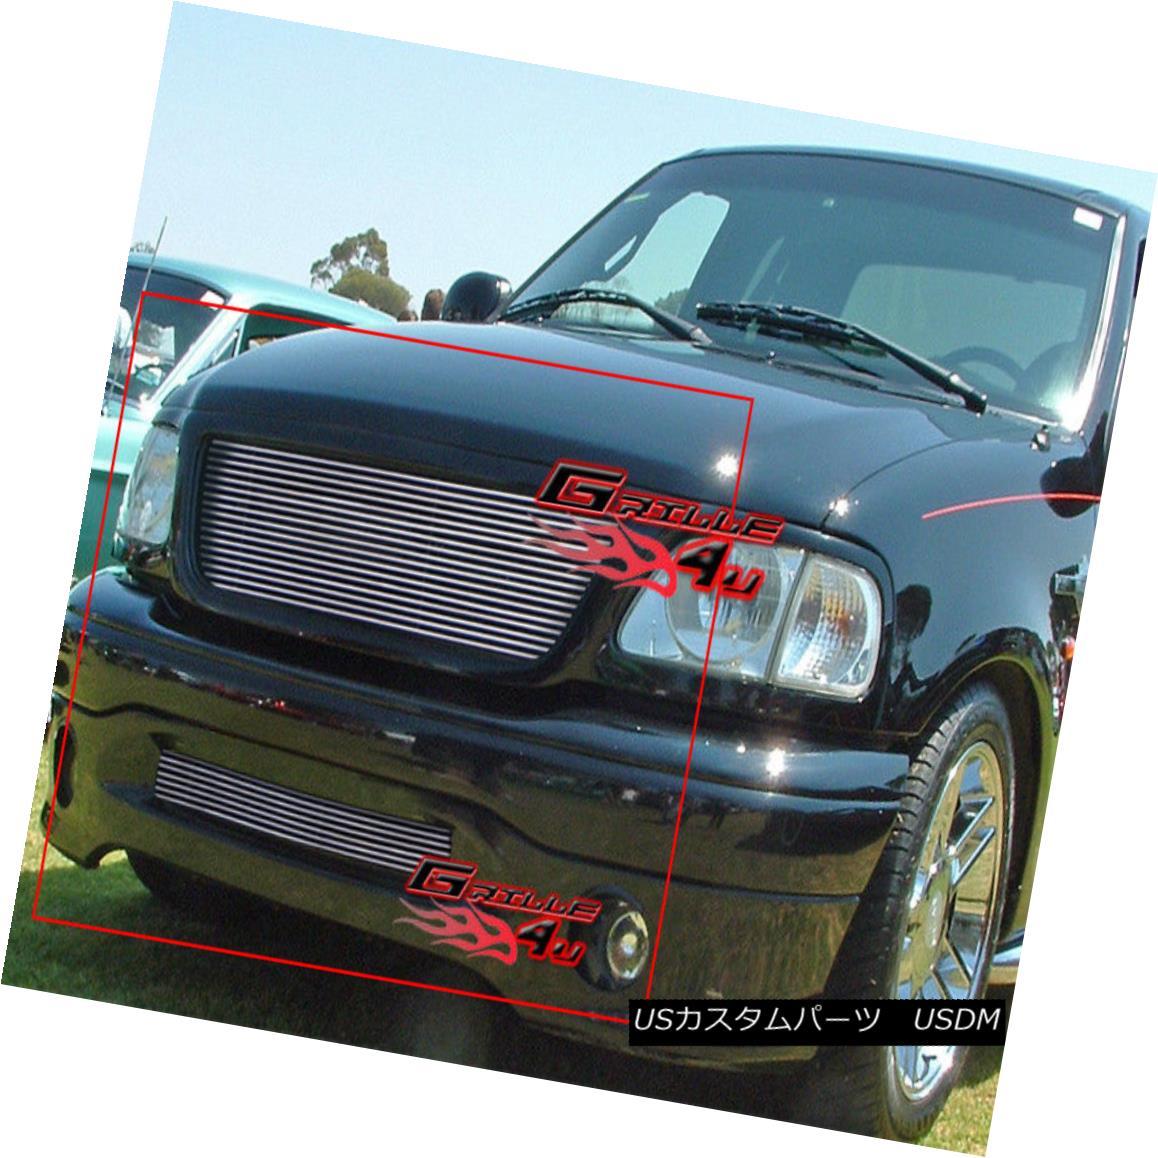 グリル For 99-03 Ford F-150 Harley Davidson Billet Grille Combo 99-03フォードF-150ハーレーダビッドソンビレットグリルコンボ用